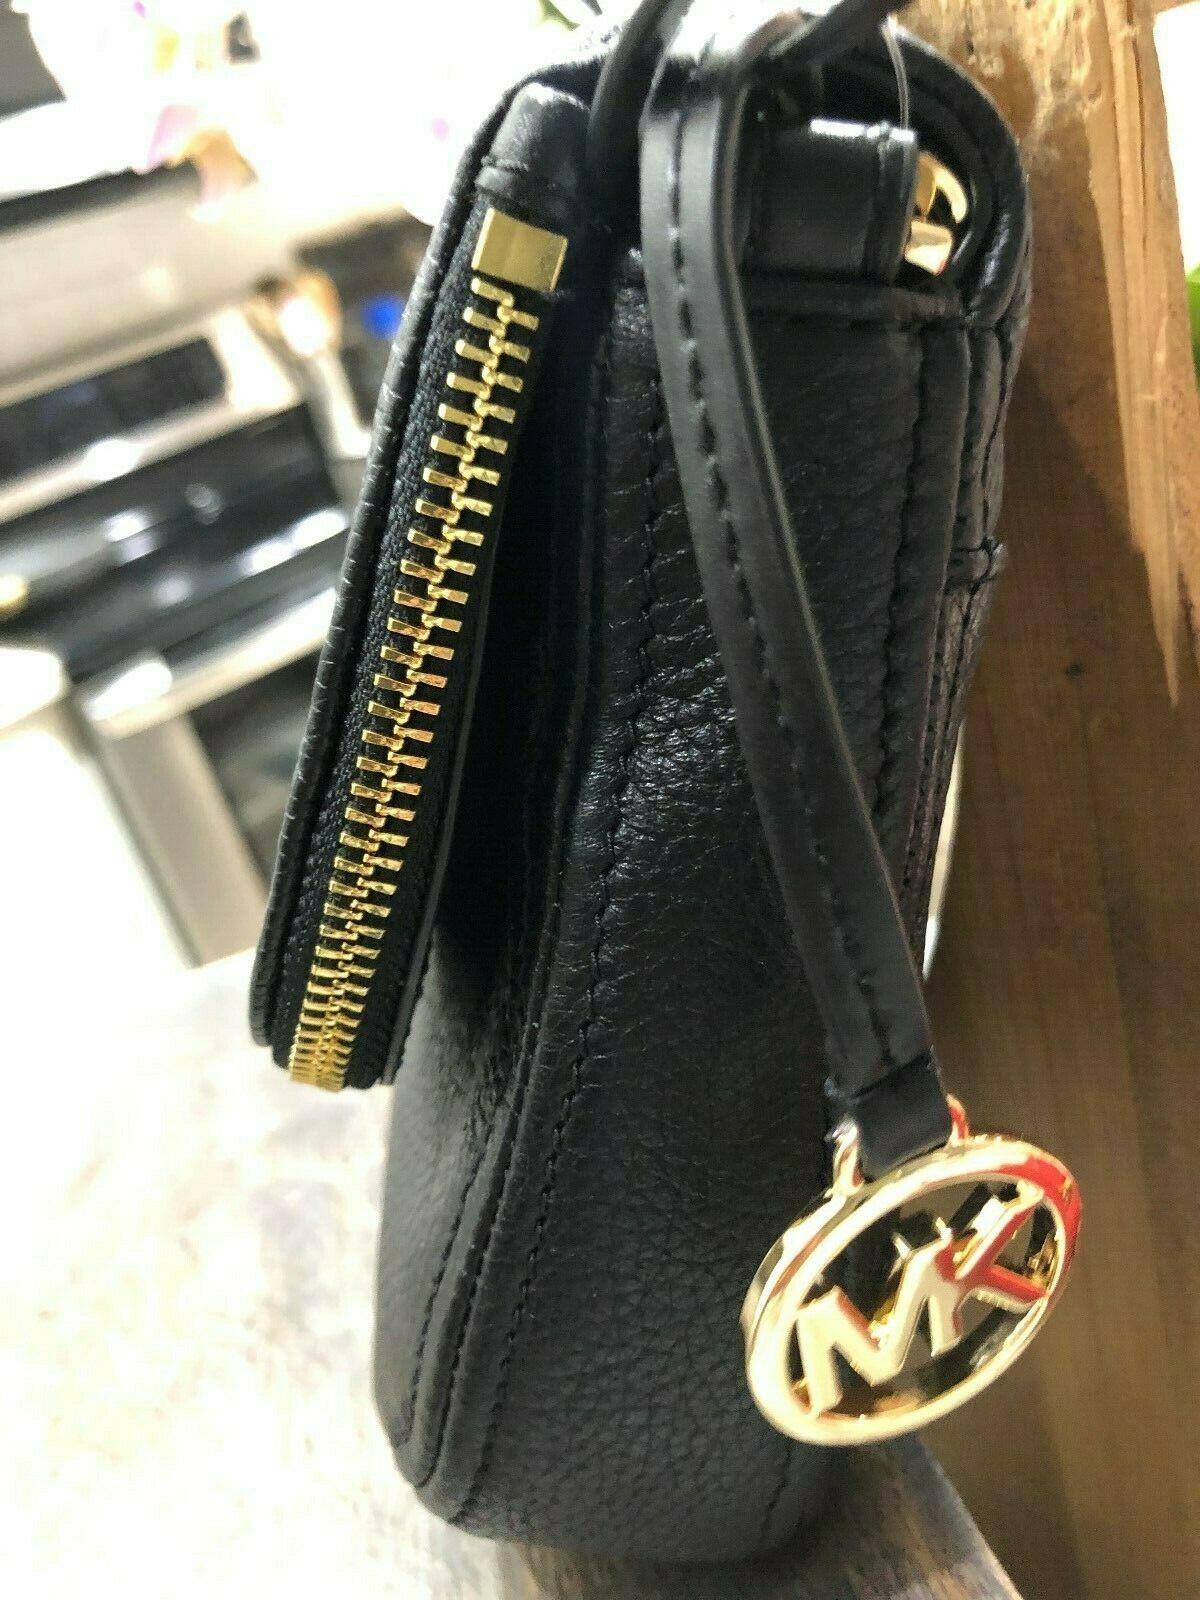 Michael Kors Classics Bedford Pocket Flap Small Crossbody Bag Pebbled $298 New image 8